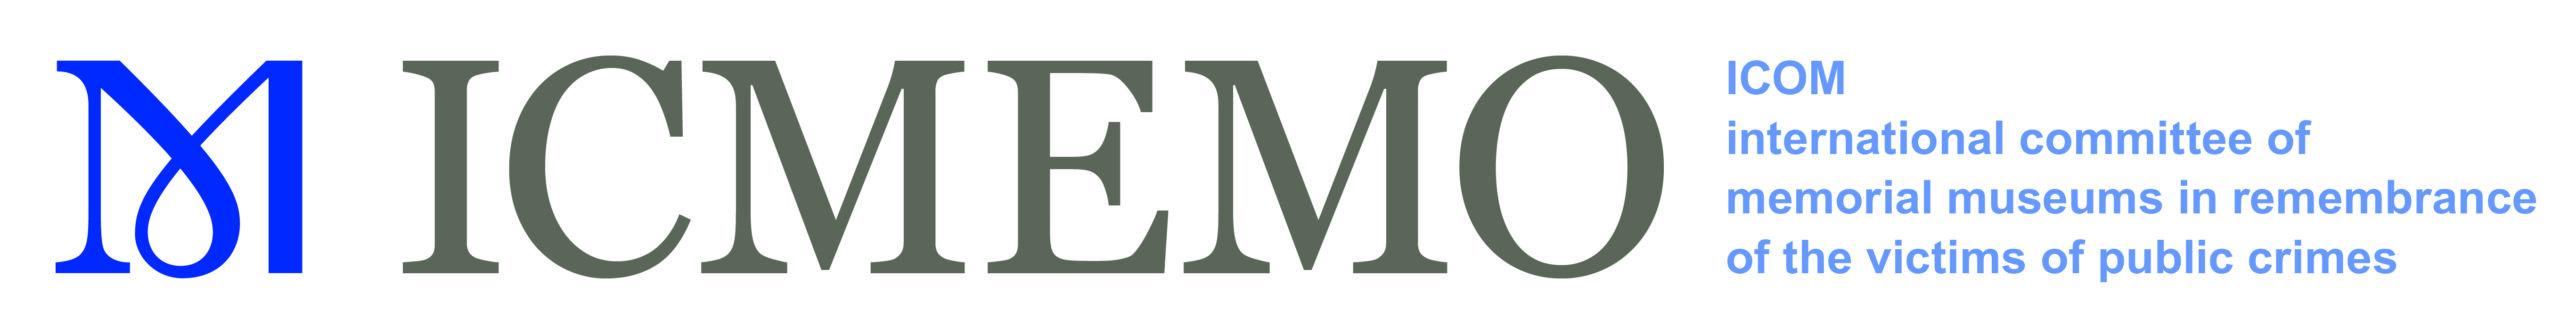 M_ICMEMO